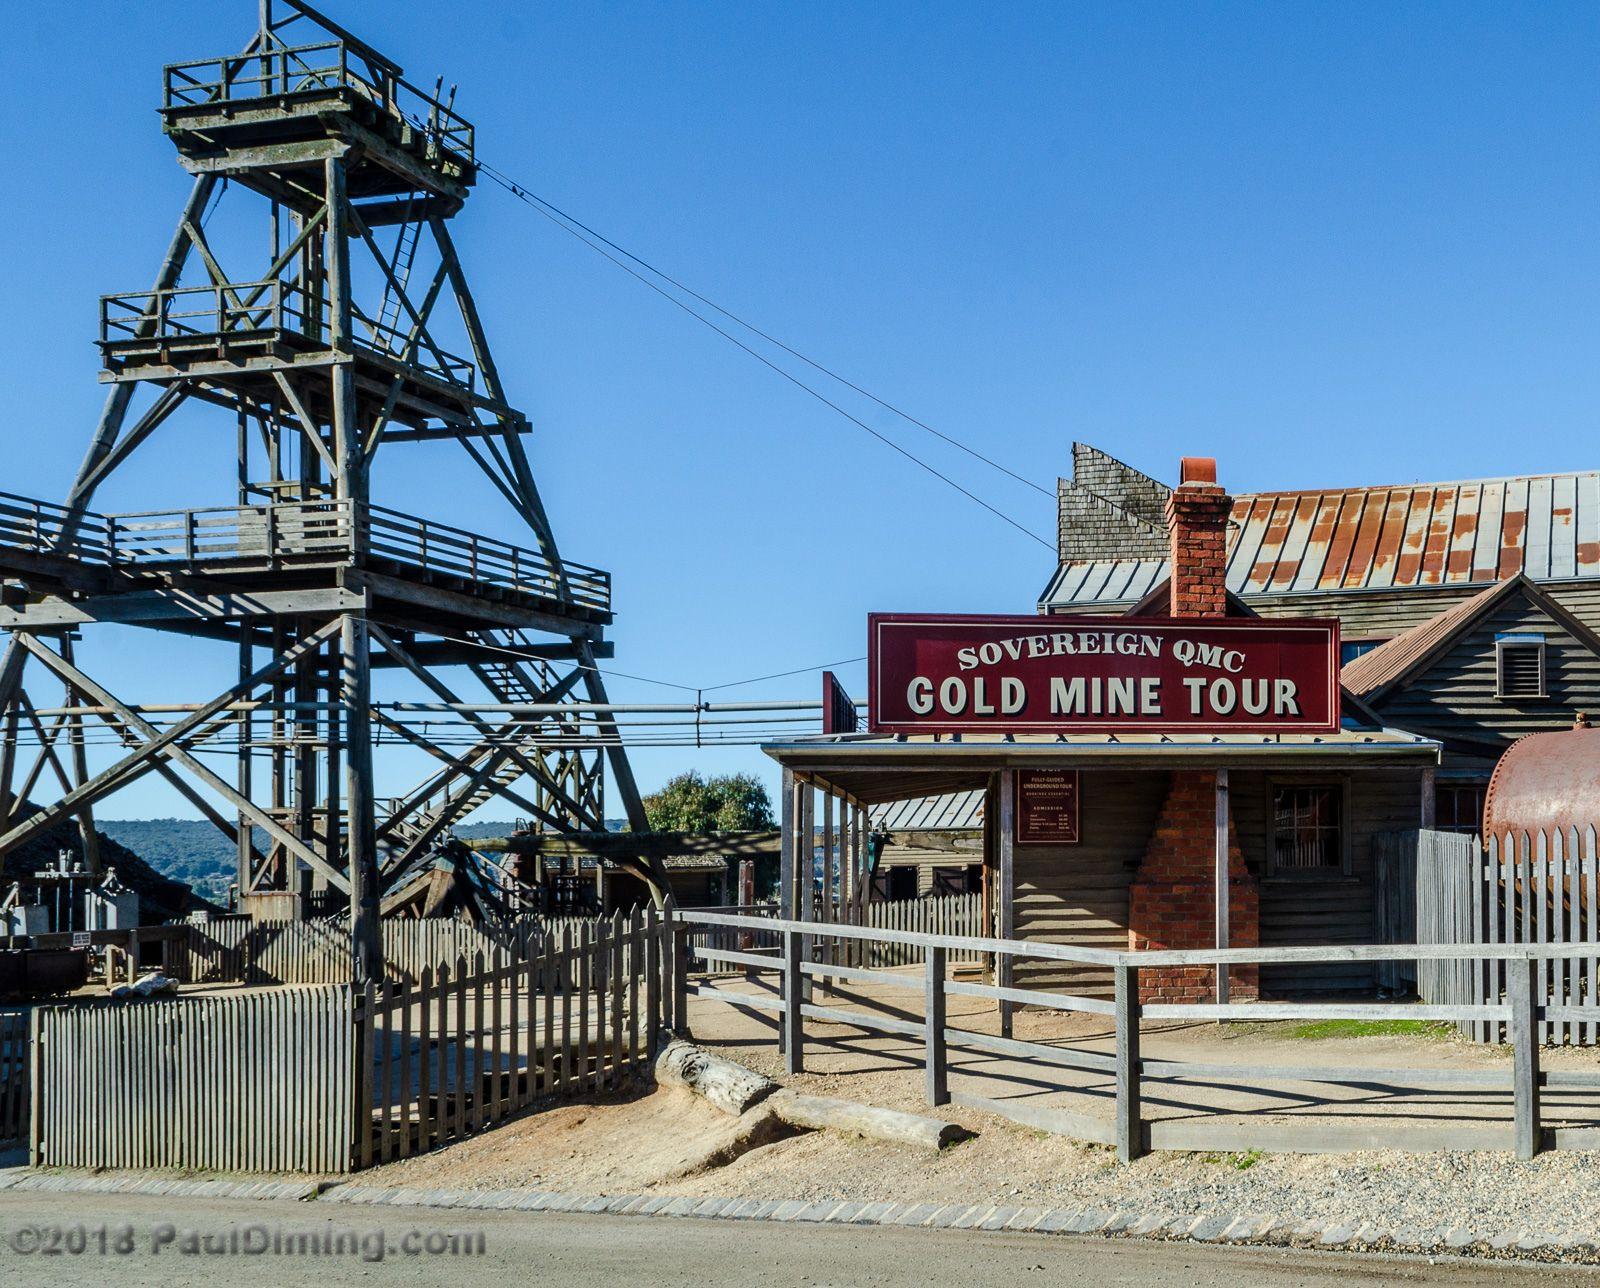 Sovereign Qmc Gold Mine Tour Sovereign Hill Ballarat Victoria Australia Australia Ballarat Gold Mining